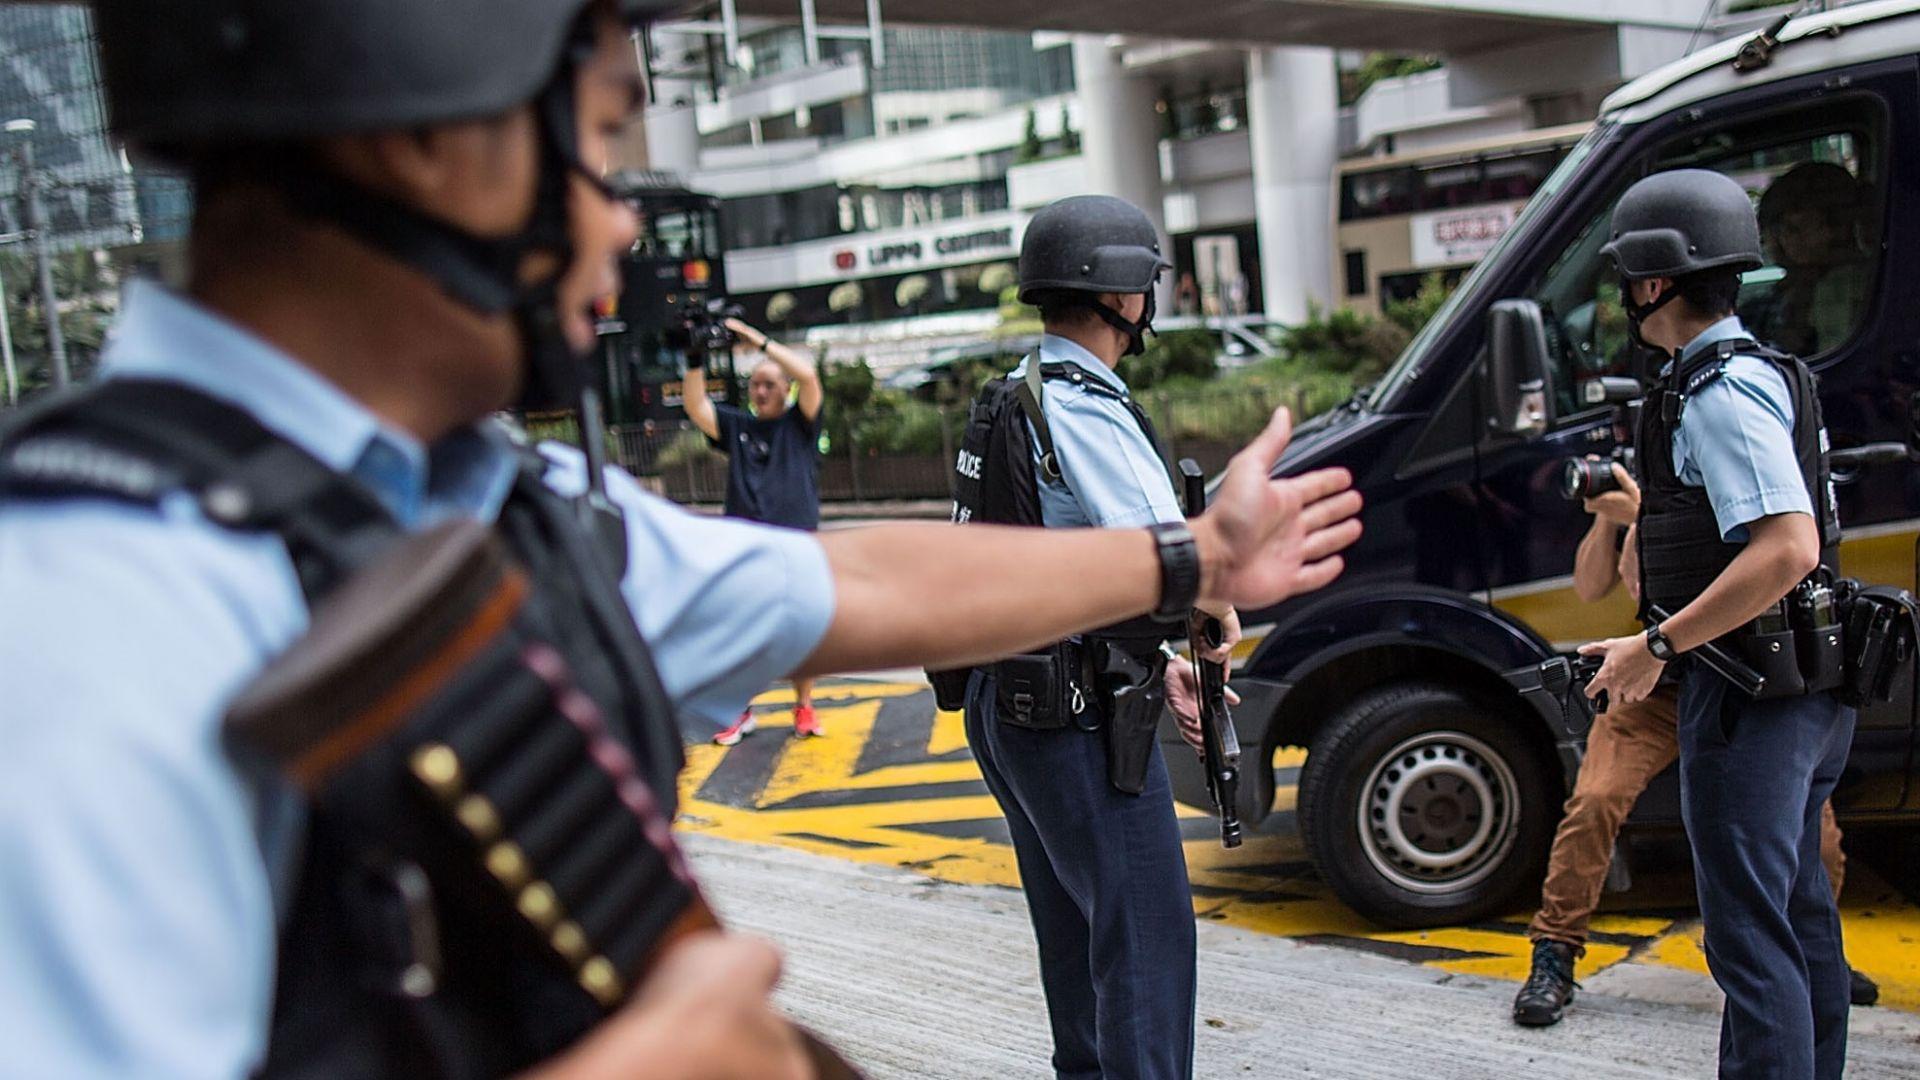 Шофьор се вряза с колата си в тълпа от хора в Китай